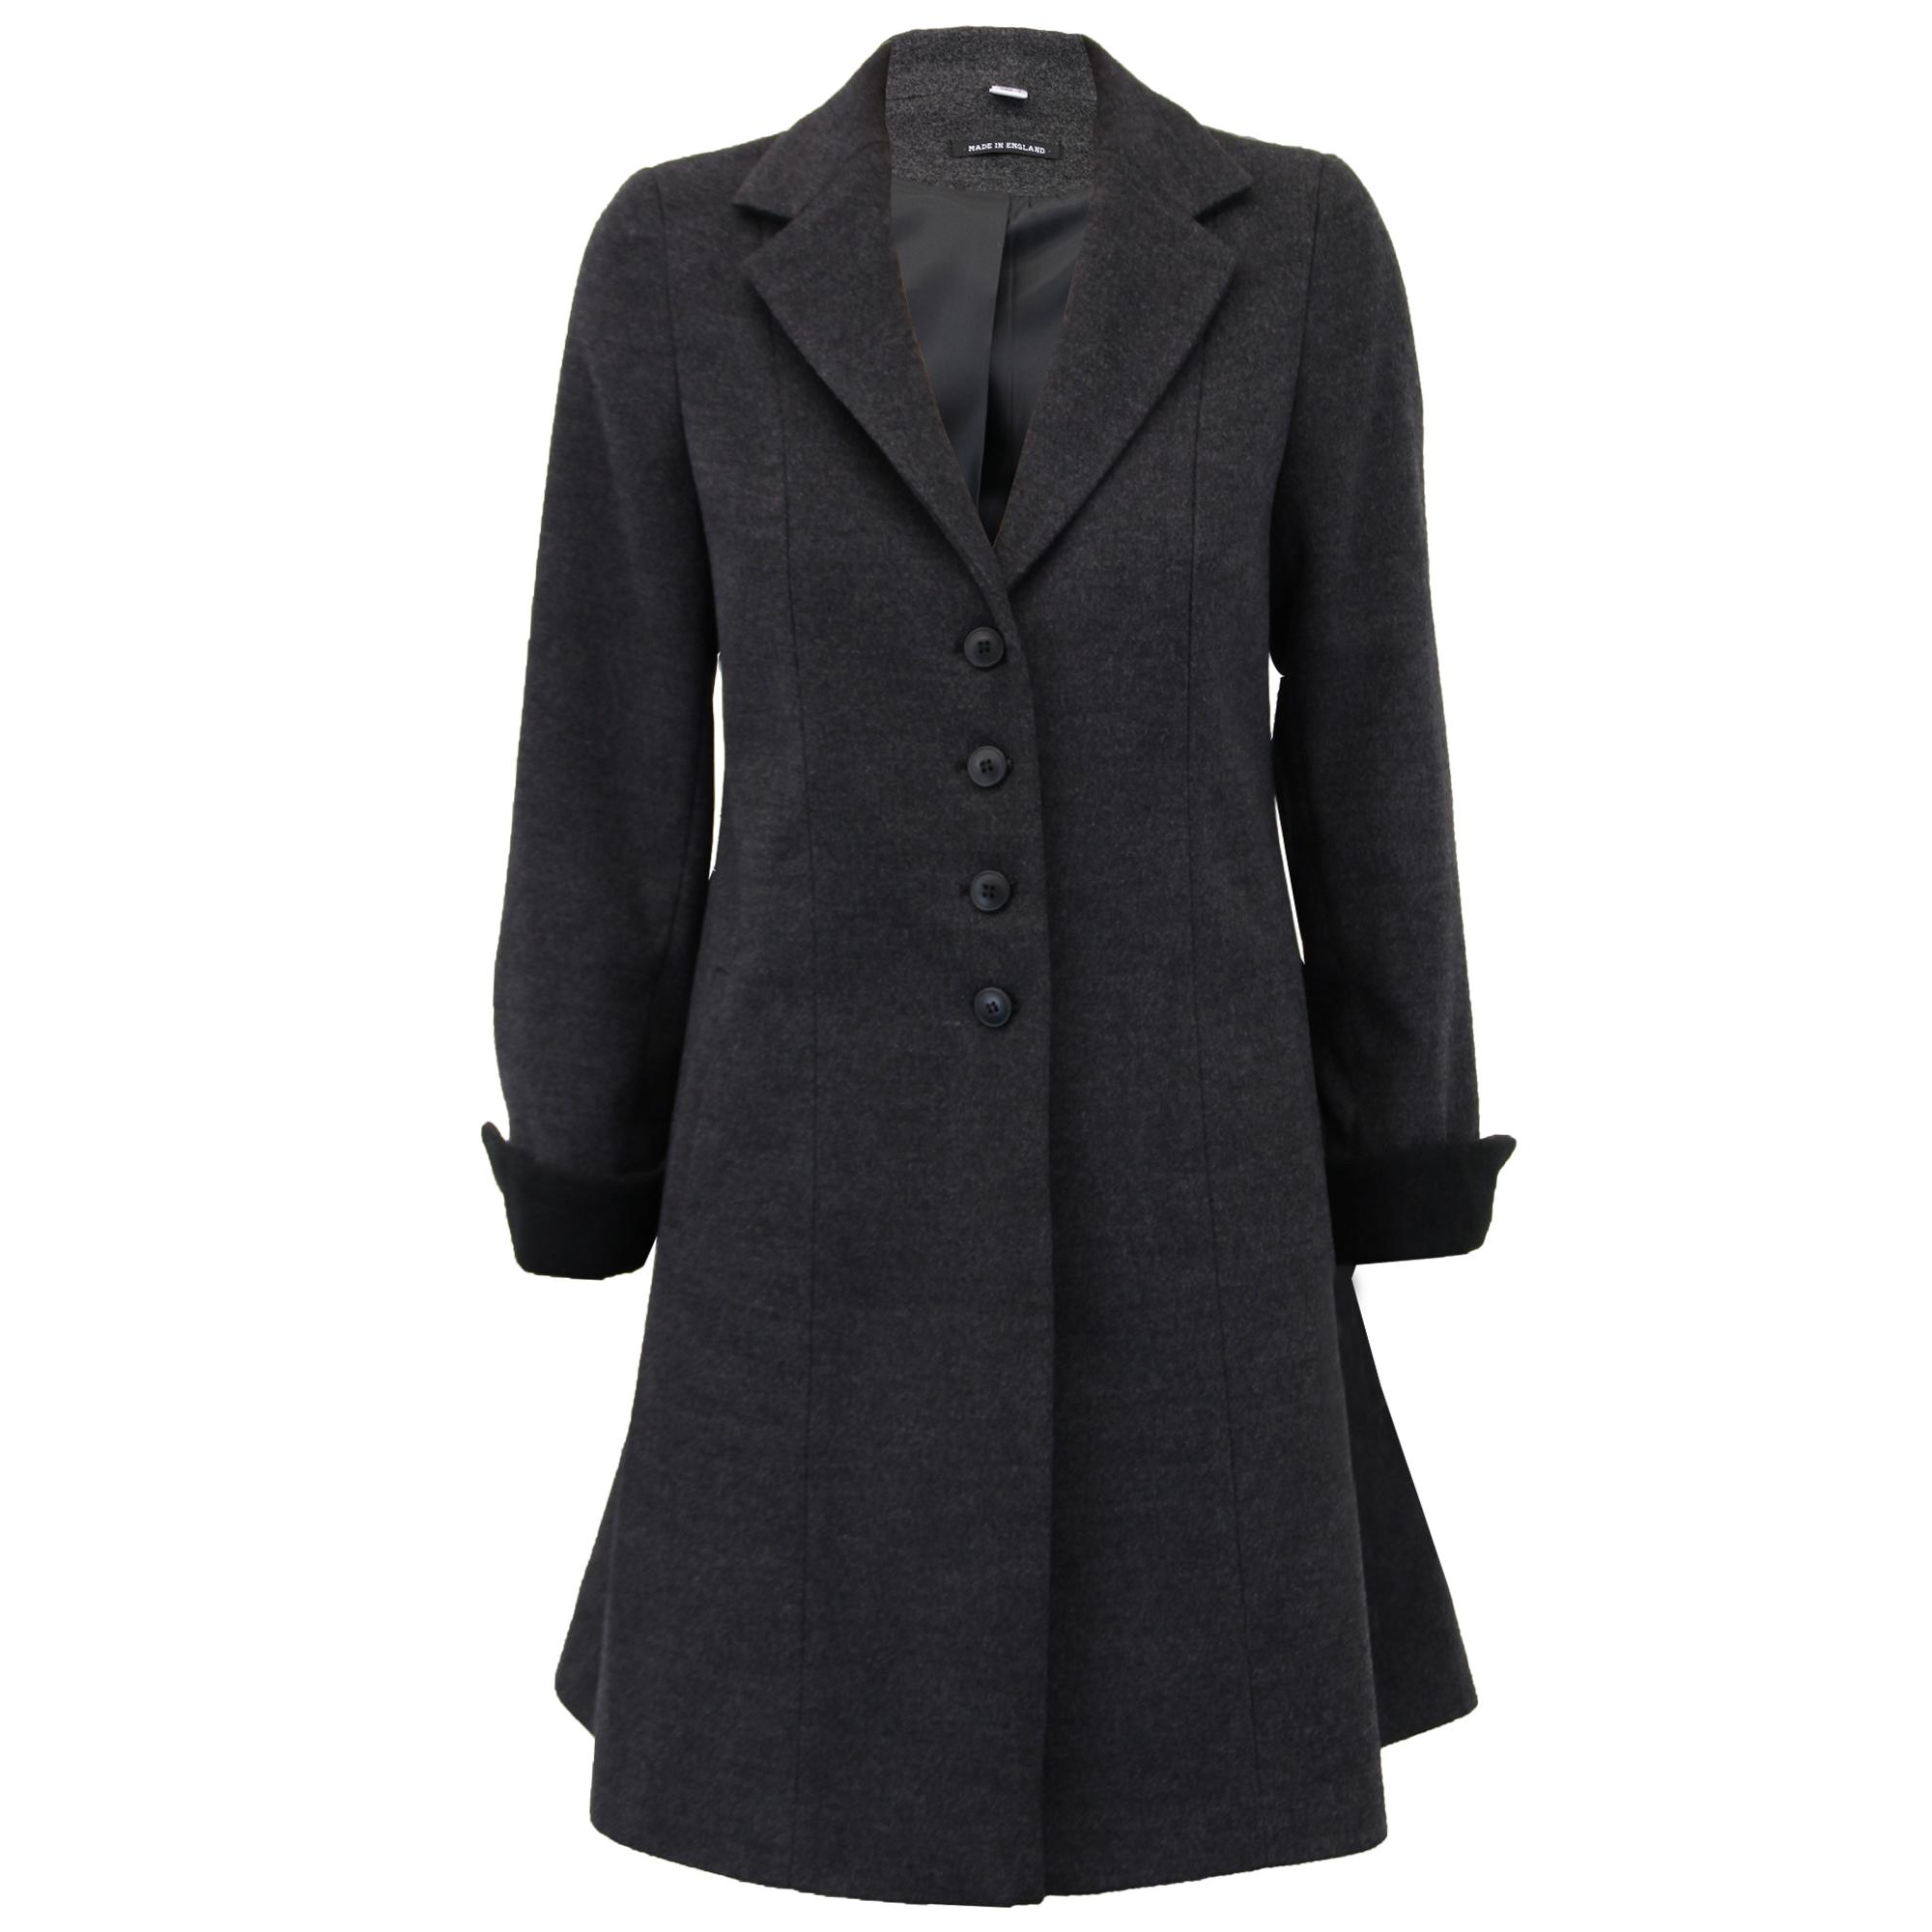 Warmest coats for women